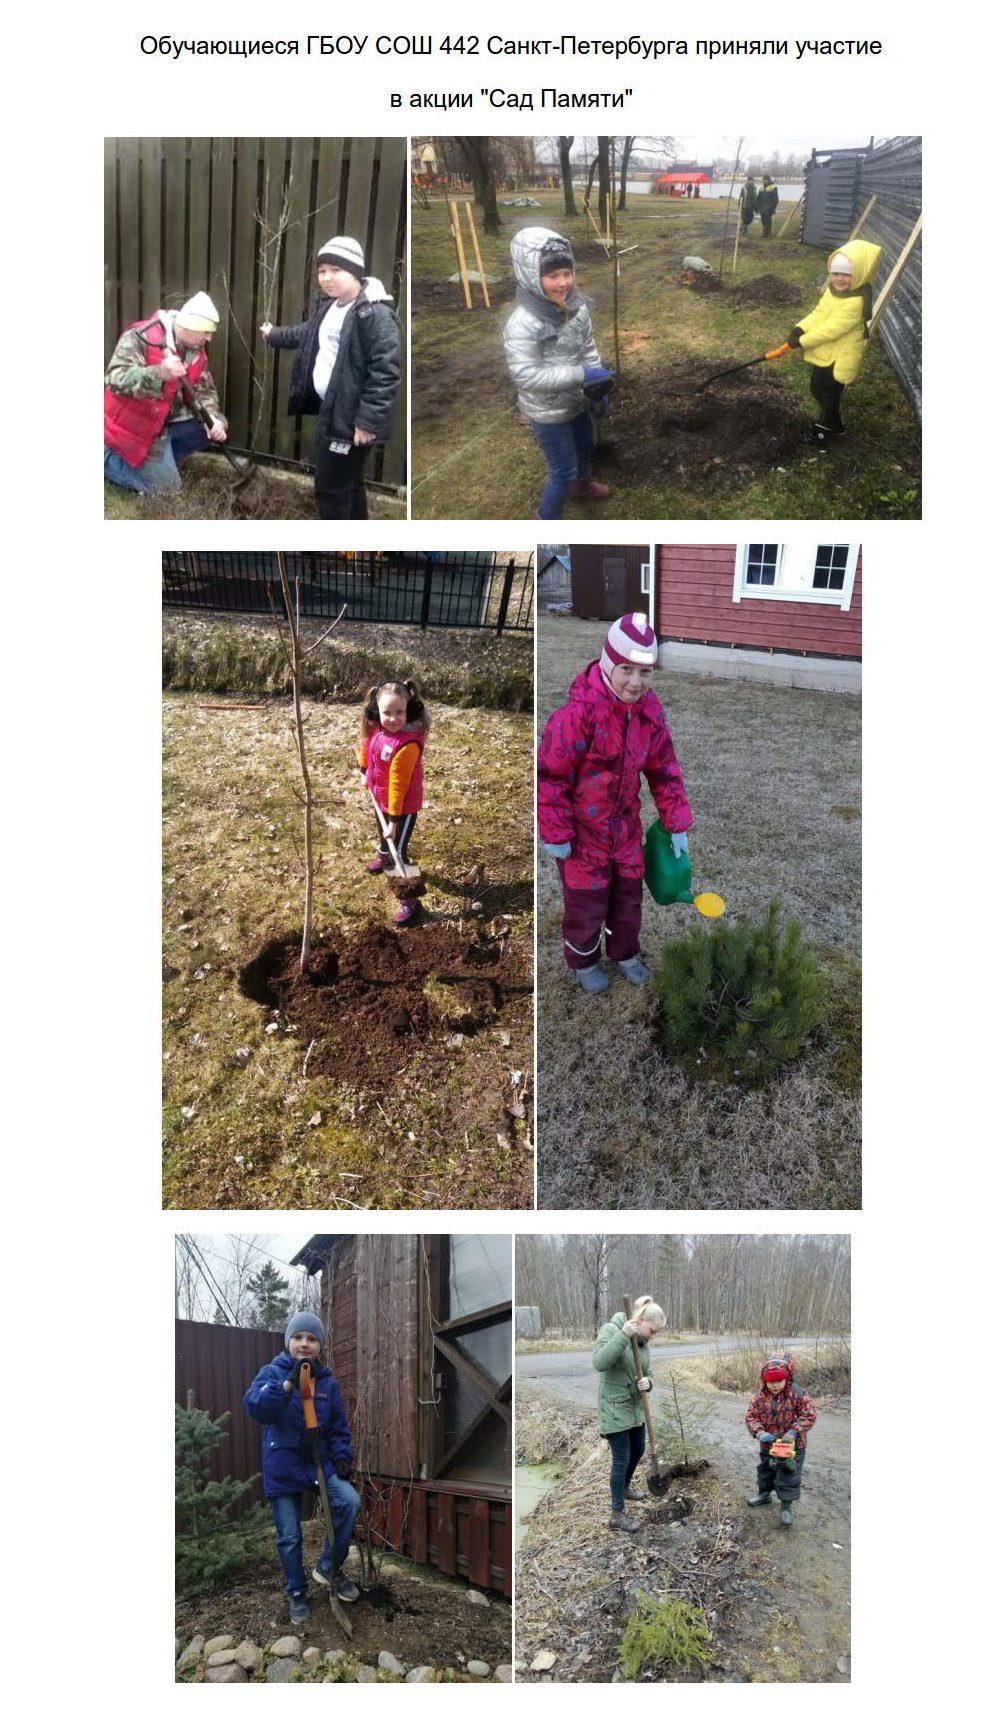 Акция Сад памяти_1